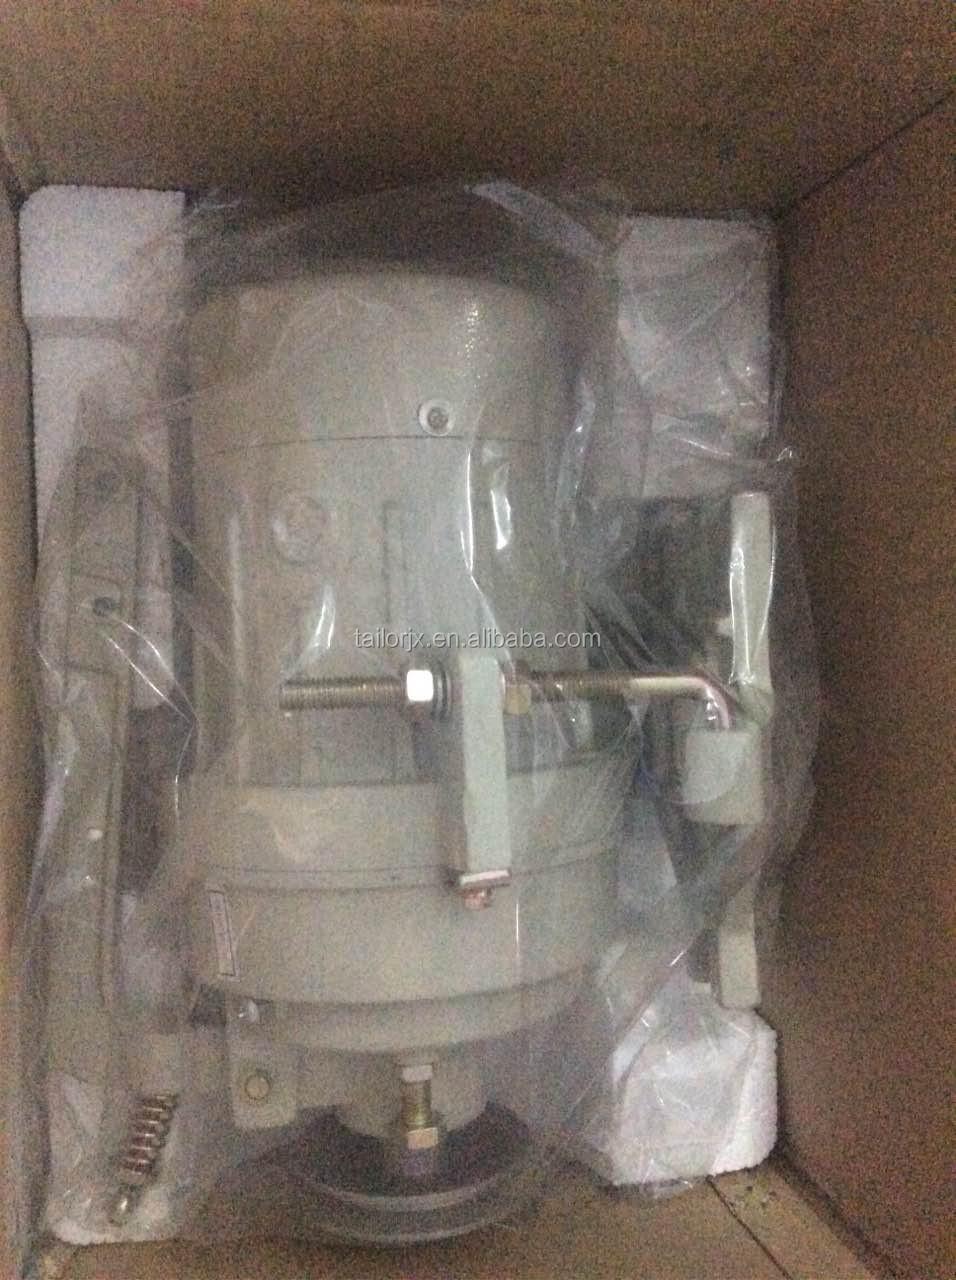 Kupferdraht 250 Watt/400 Watt Industrielle Nähmaschine ...